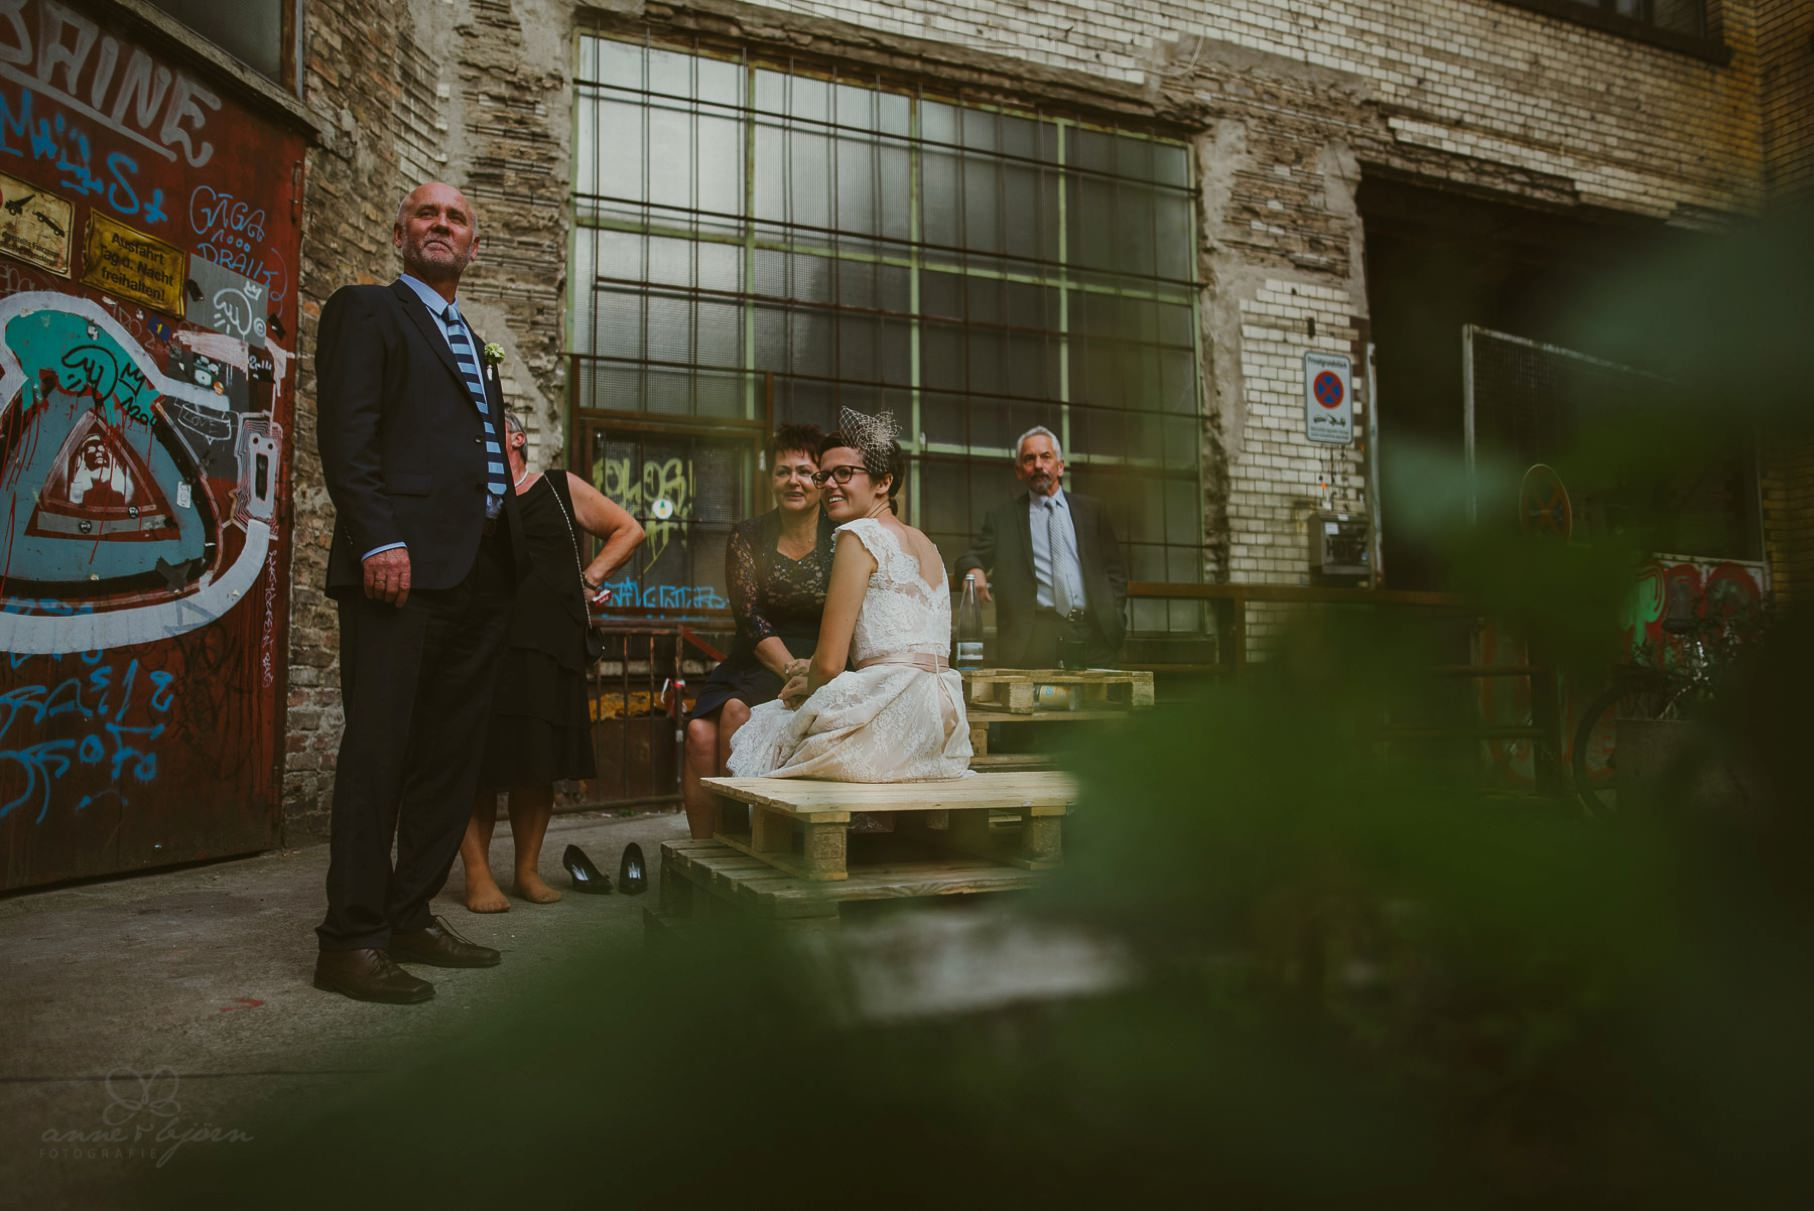 0079 sylwiaundchris d76 4825 - Bunte DIY Hochzeit in der Fabrik 23 - Berlin